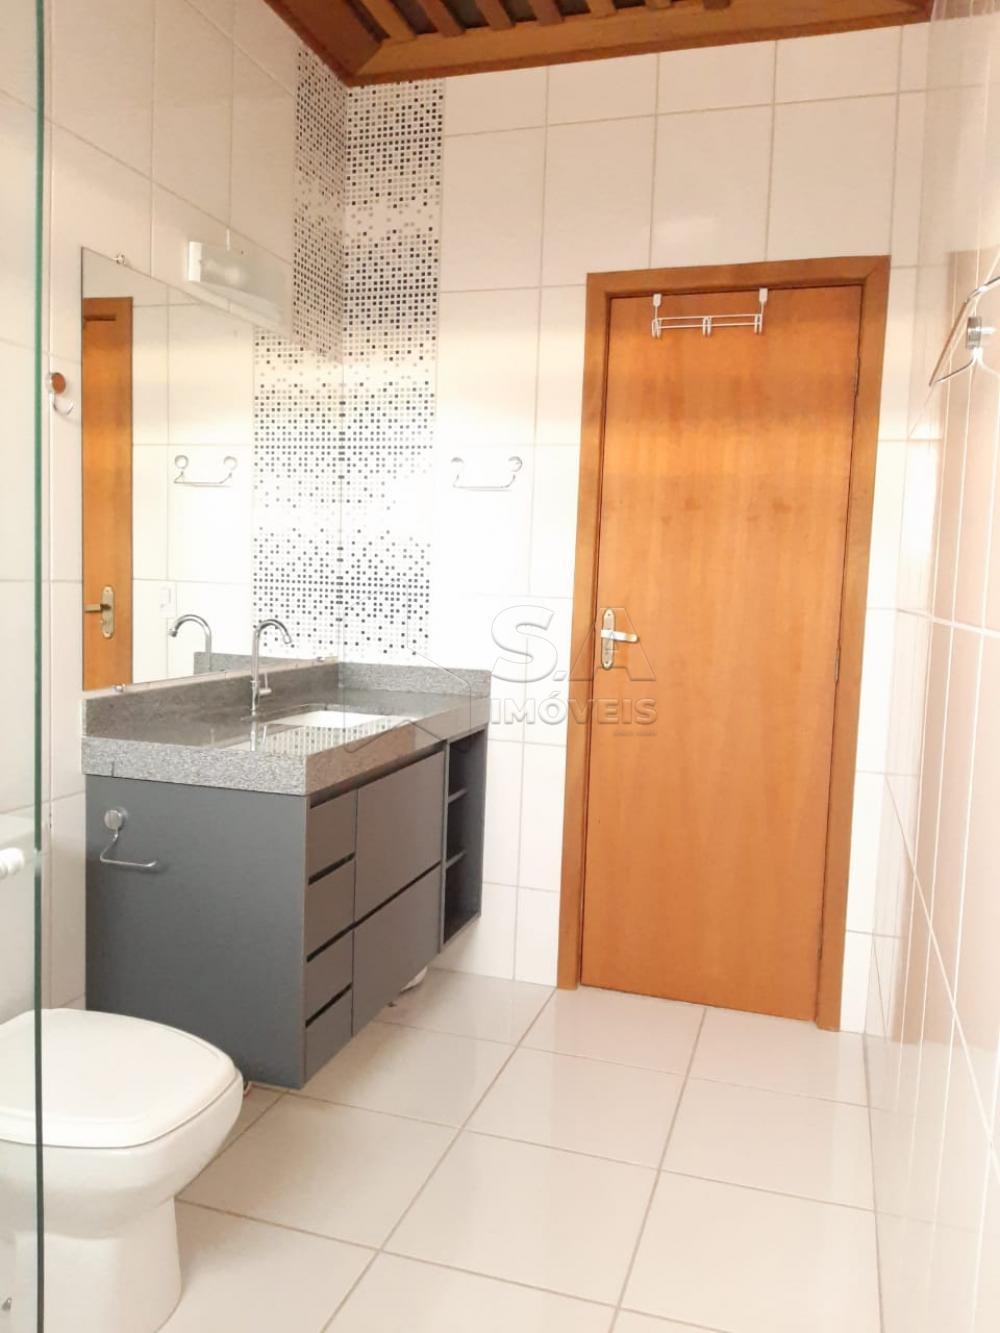 Comprar Casa / Padrão em Botucatu apenas R$ 370.000,00 - Foto 26